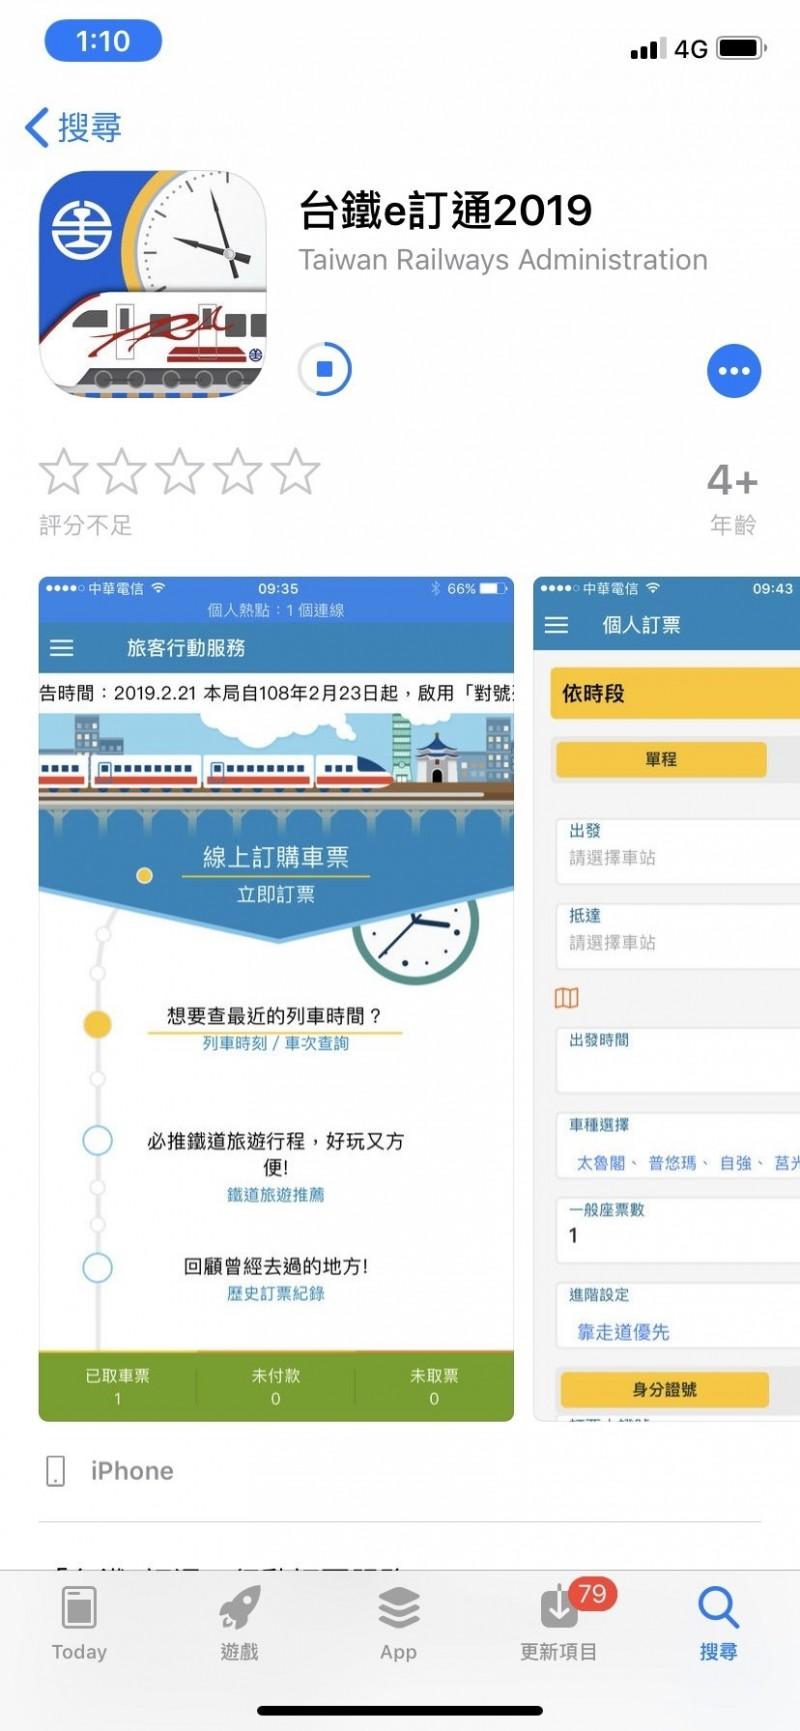 台鐵新票務系統將於4月9日起開放預訂個人車票,官方版「台鐵e訂通」APP也同步改版,並於今天起提前開放下載。(翻攝自「台鐵e訂通」)